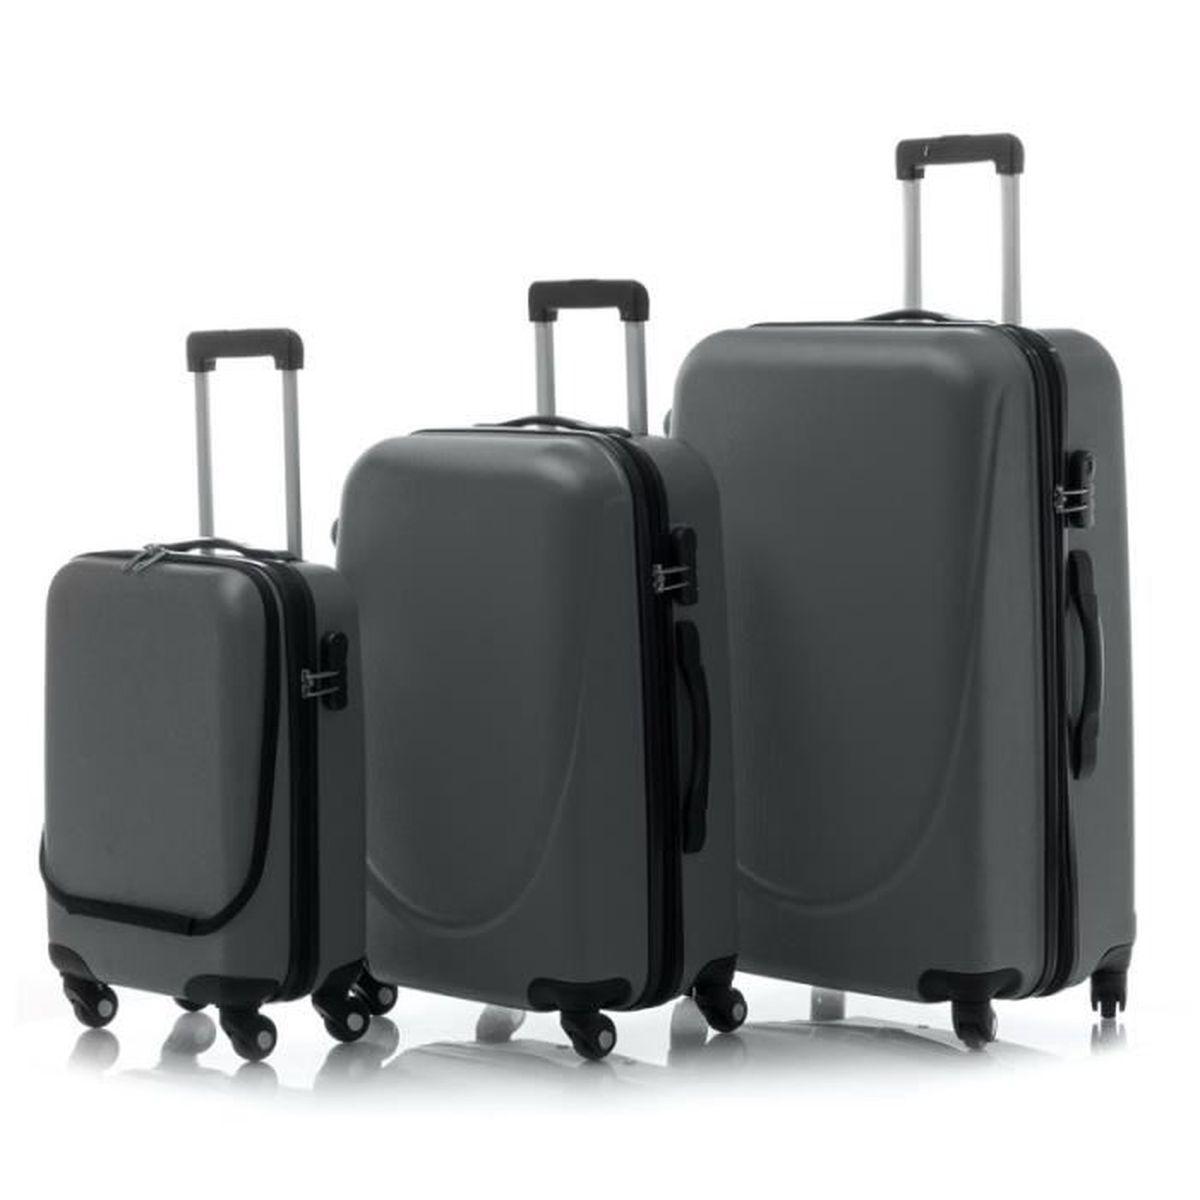 lot de 3 bagages valises pocket abs verrouillage gris gris. Black Bedroom Furniture Sets. Home Design Ideas